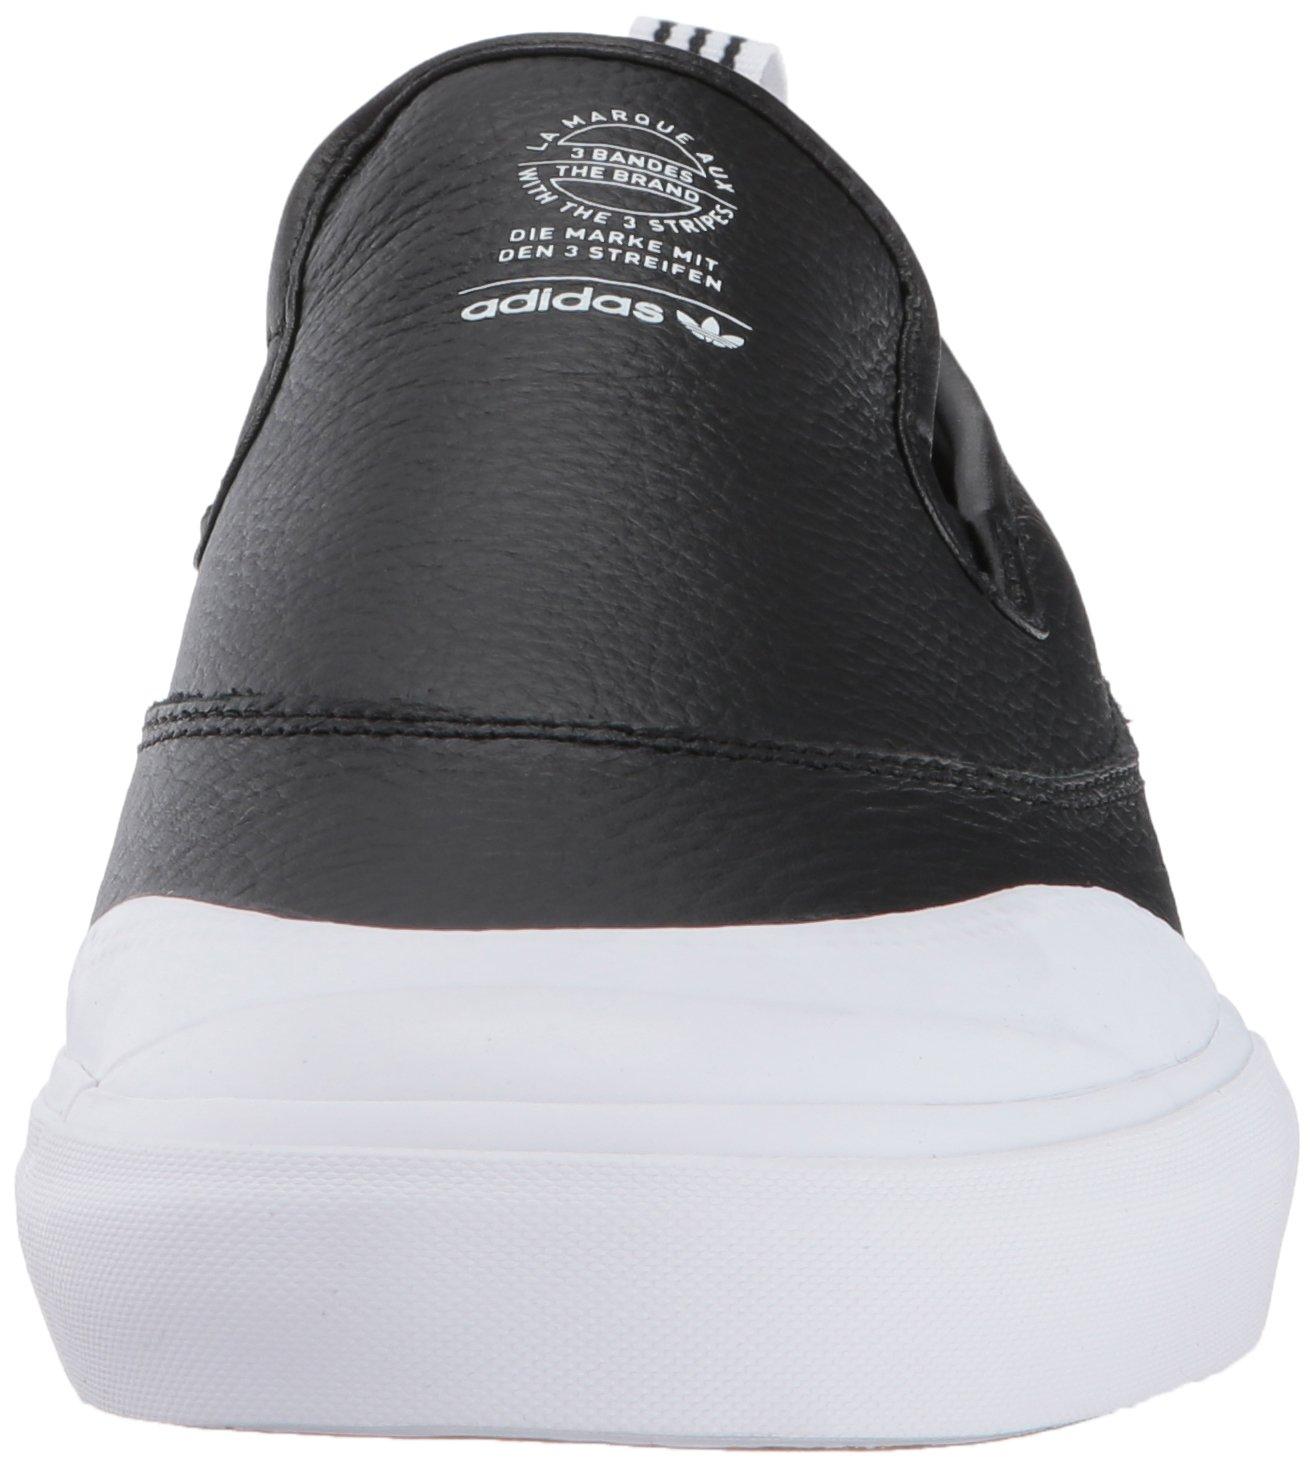 new styles 9f7e8 e0b1f Zapatillas de skate adidas Originals para hombre Matchcourt Slip Negro    Negro   Blanco